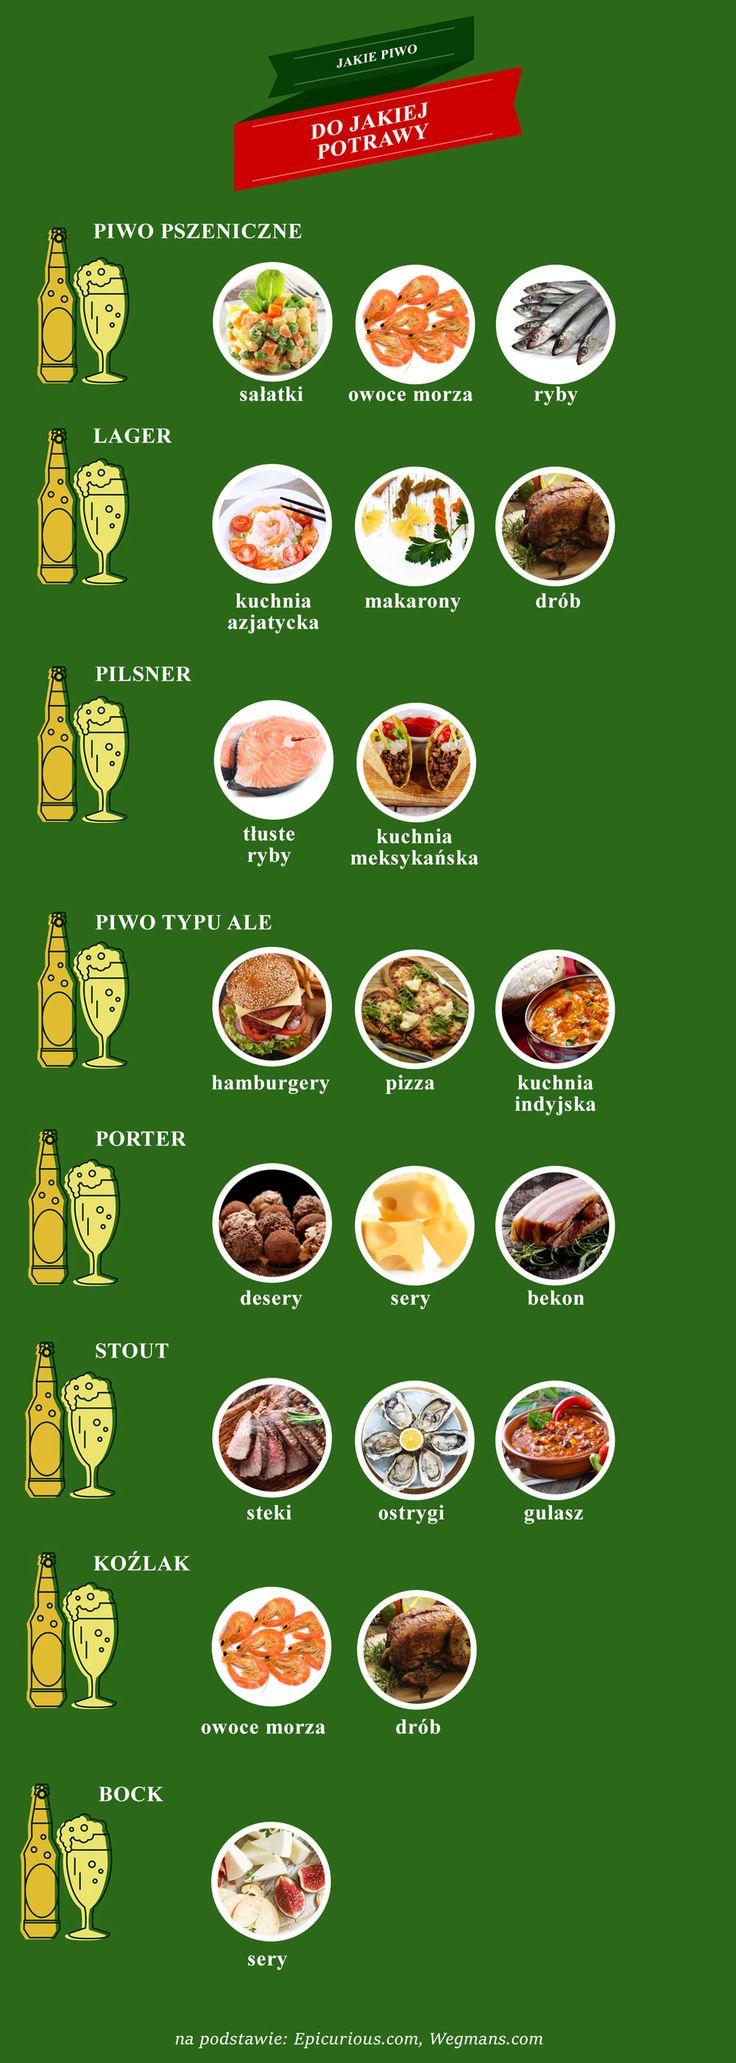 Jak dobrać piwo do potrawy